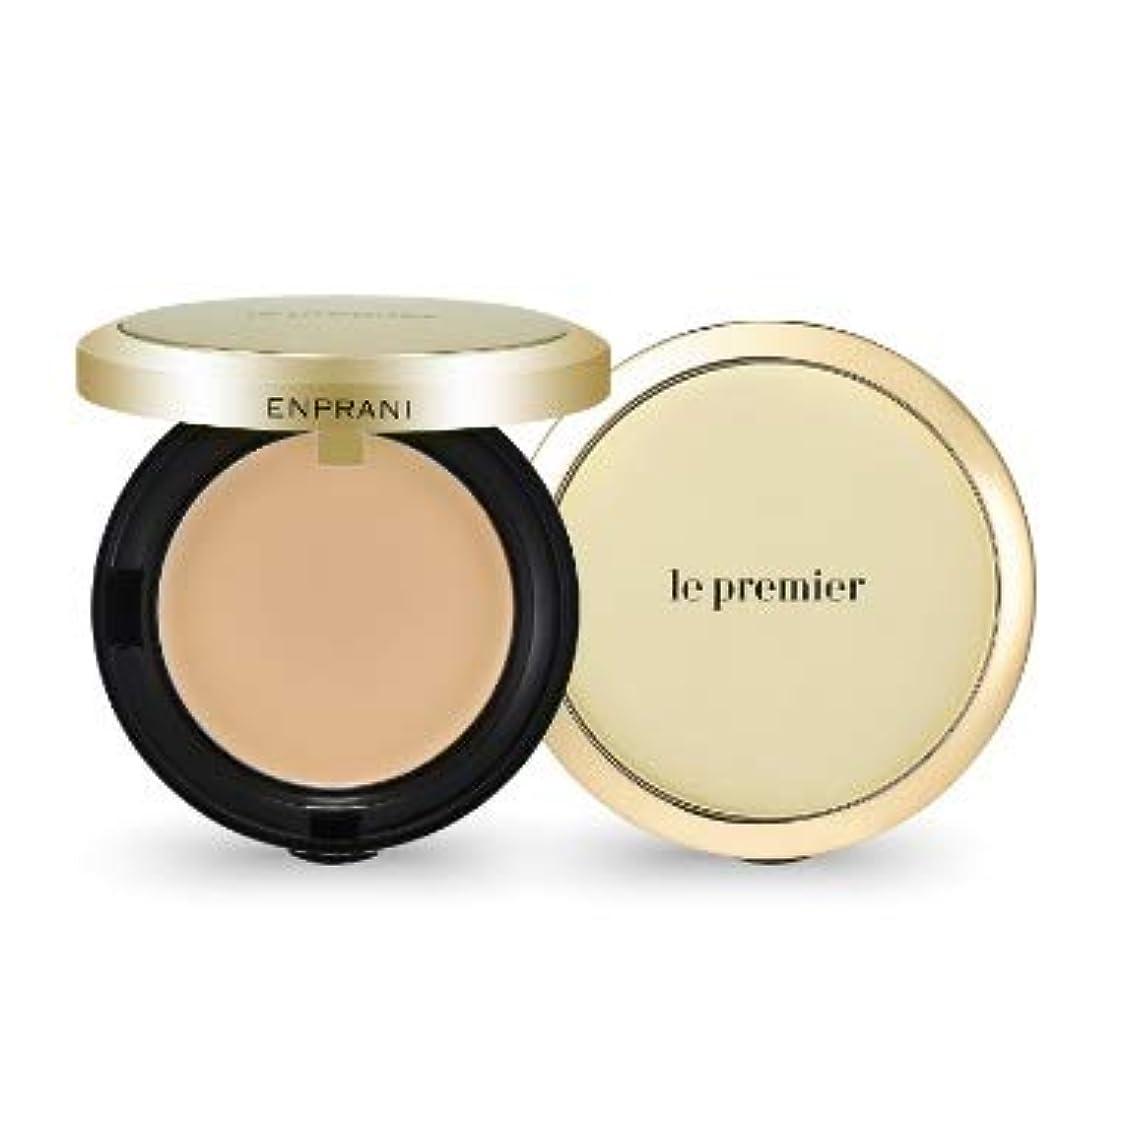 ハブ争いピークENPRANI Le Premier Skin Cover Pact,#23 Natural Beige エンプラニ ル プレミア スキン カバー パクト [並行輸入品]